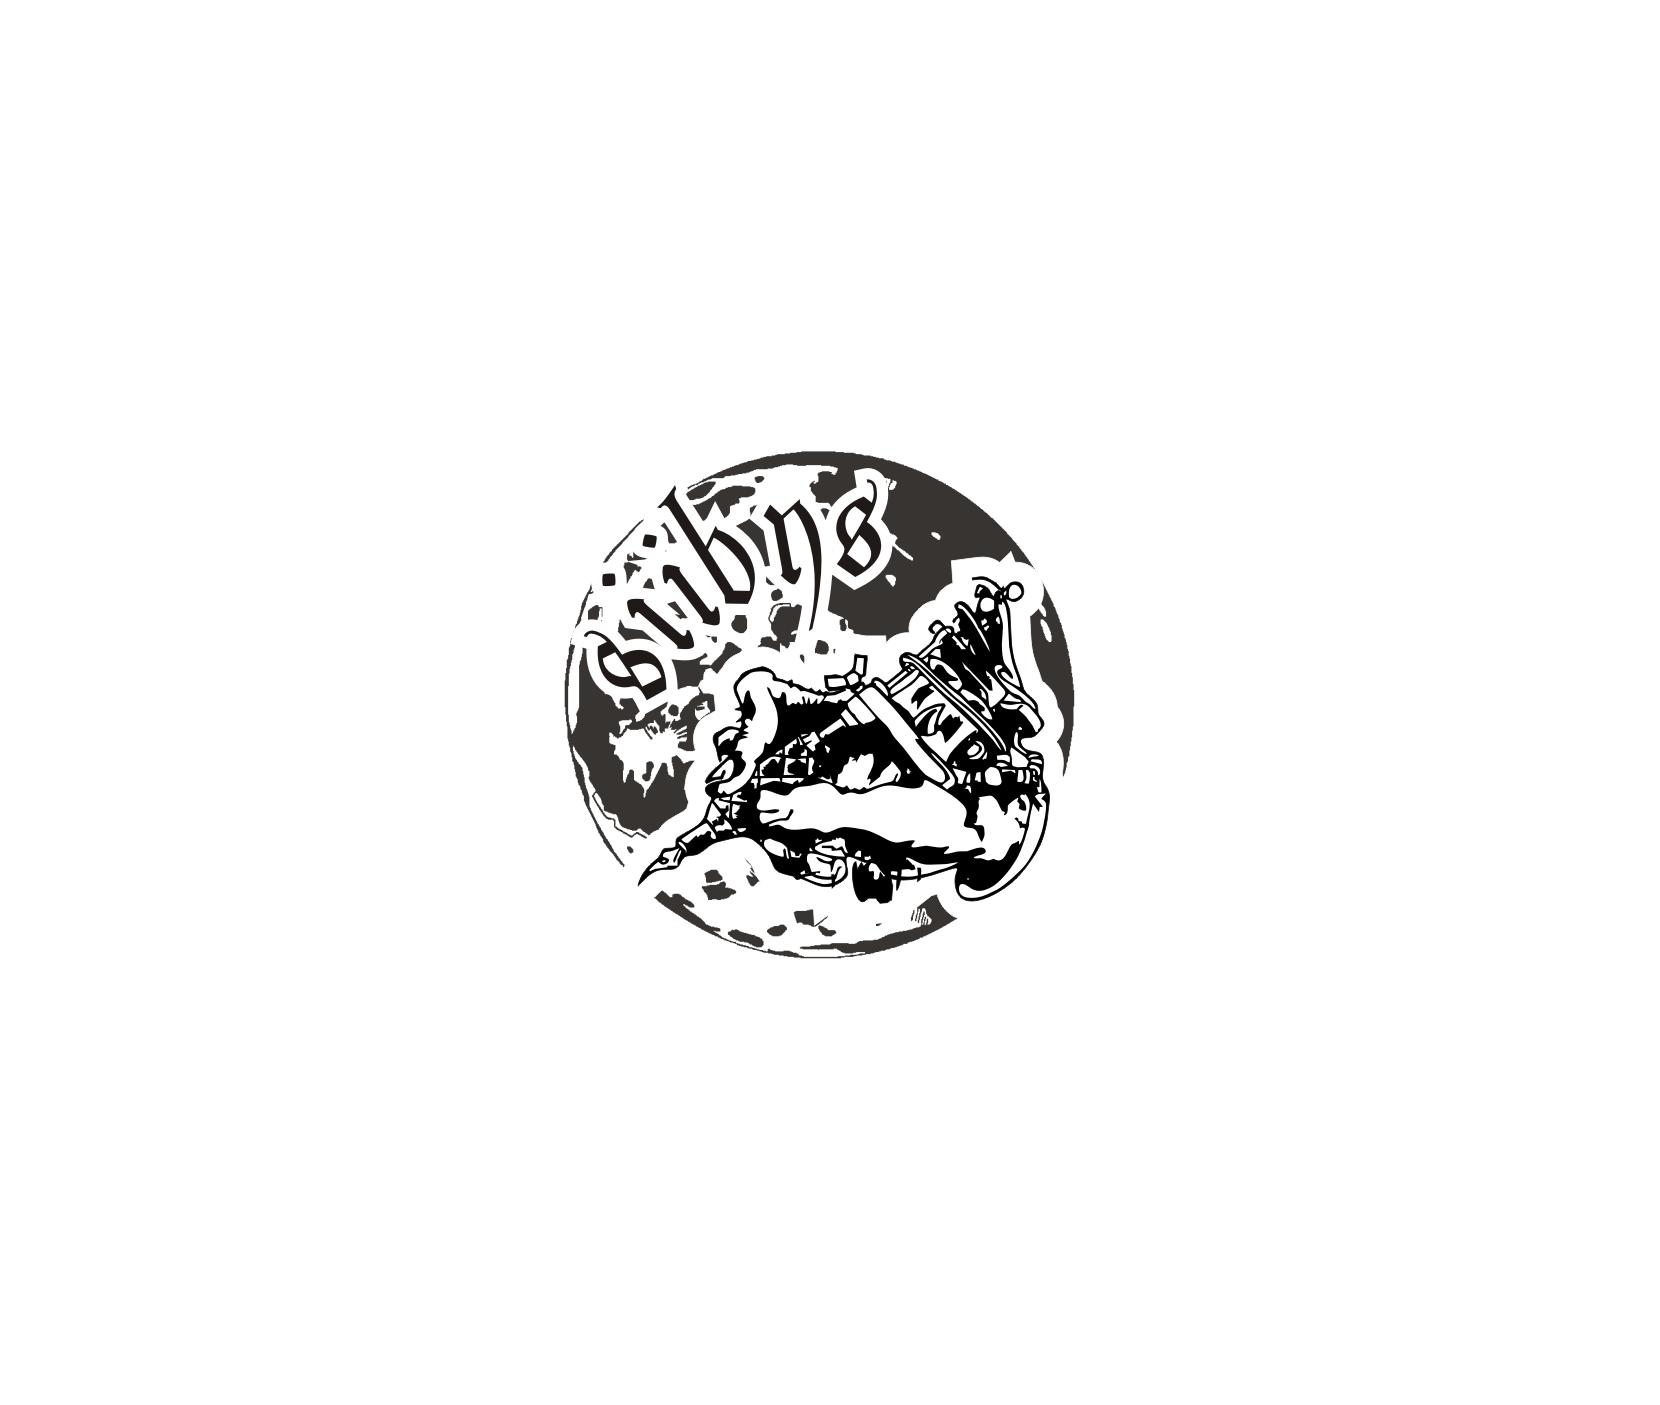 Фото Тату салон. Логотип.